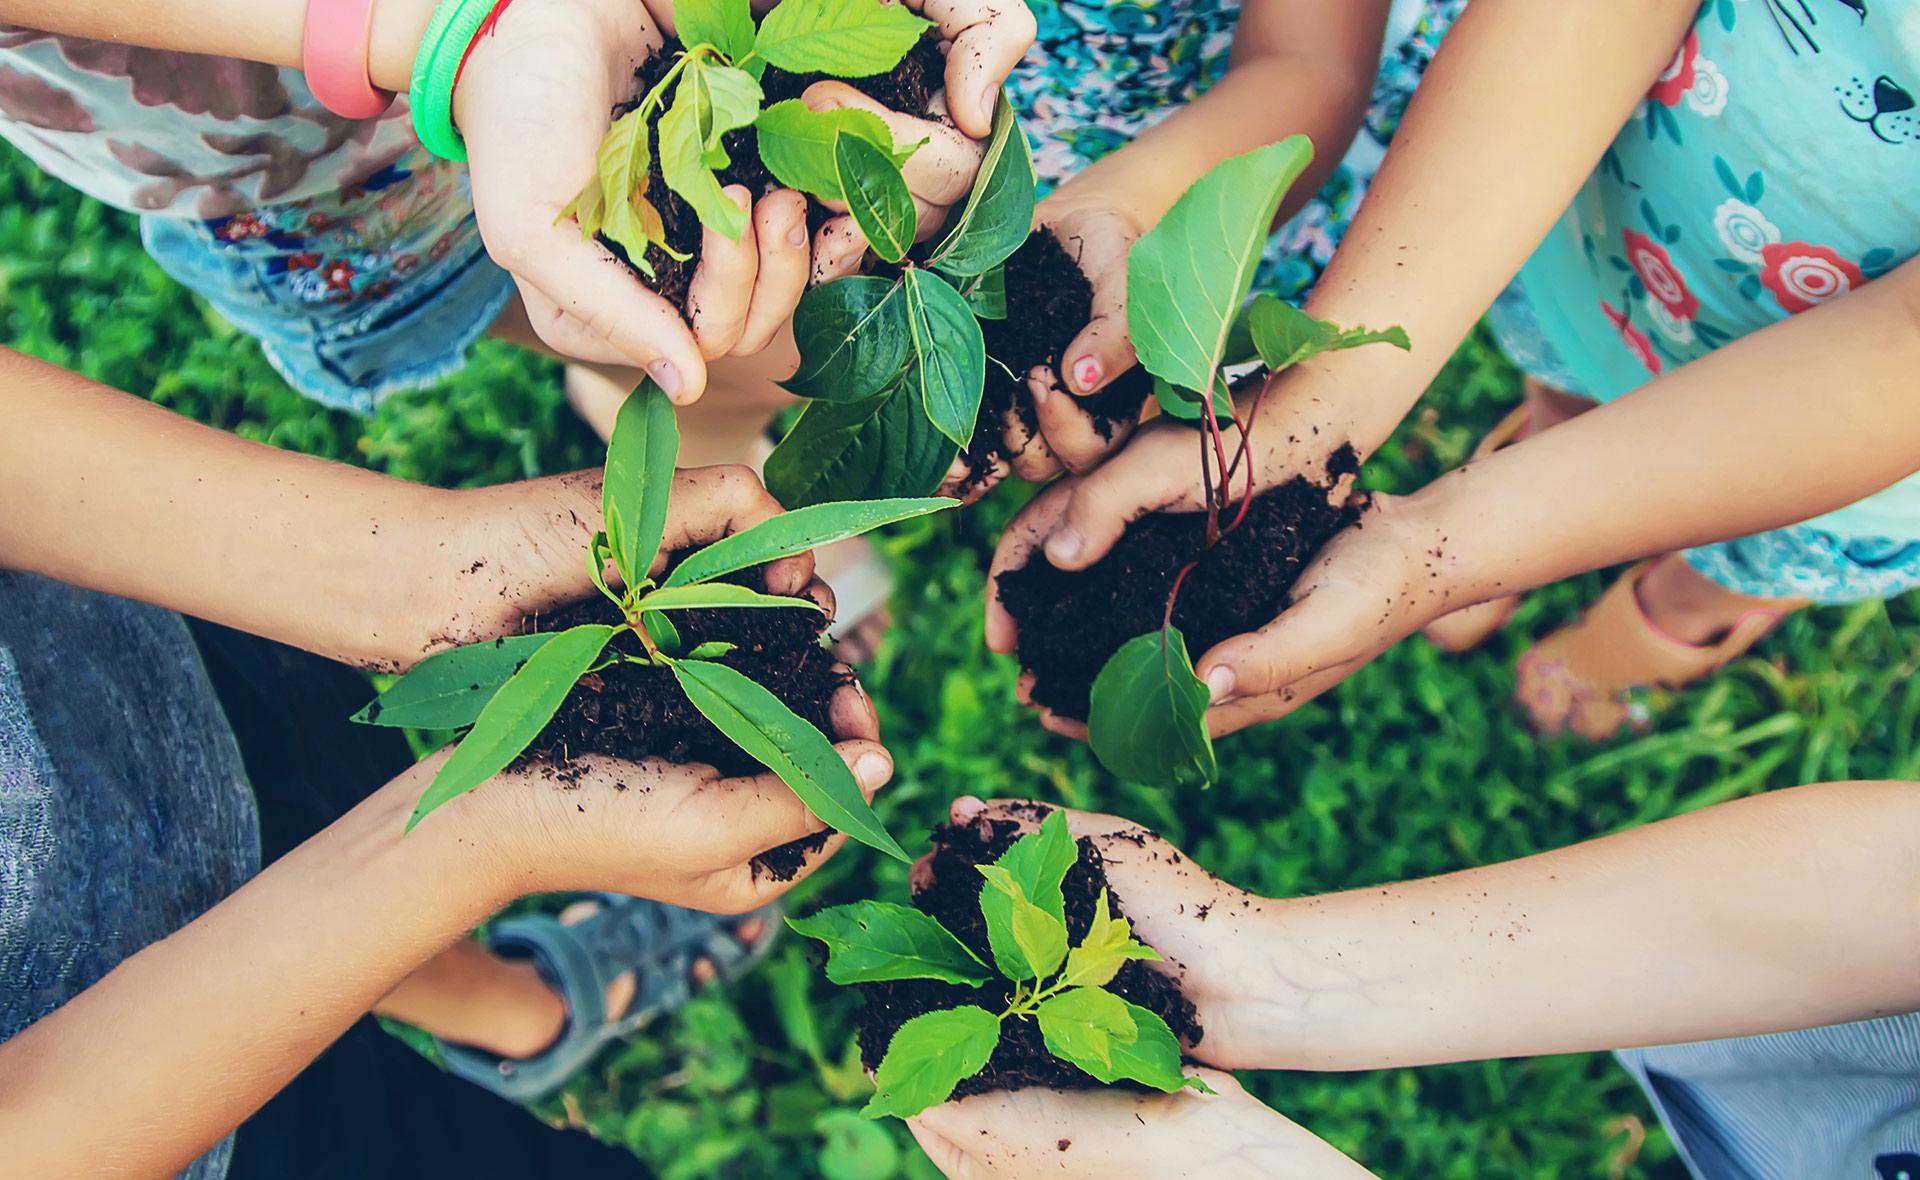 BBVA-pacto-verde-desarrollo-sostenibilidad-planeta-cuidado-medioambiente